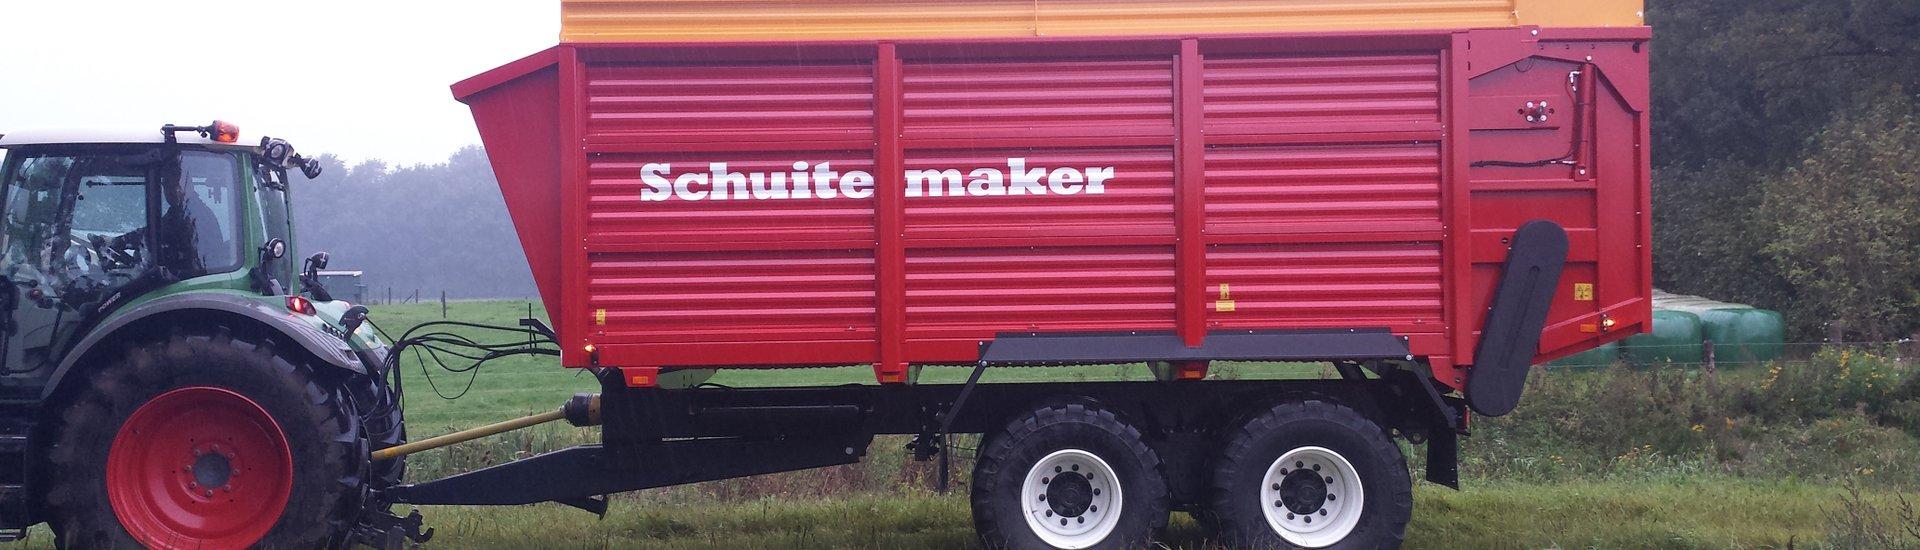 Schuitemaker maize wagon